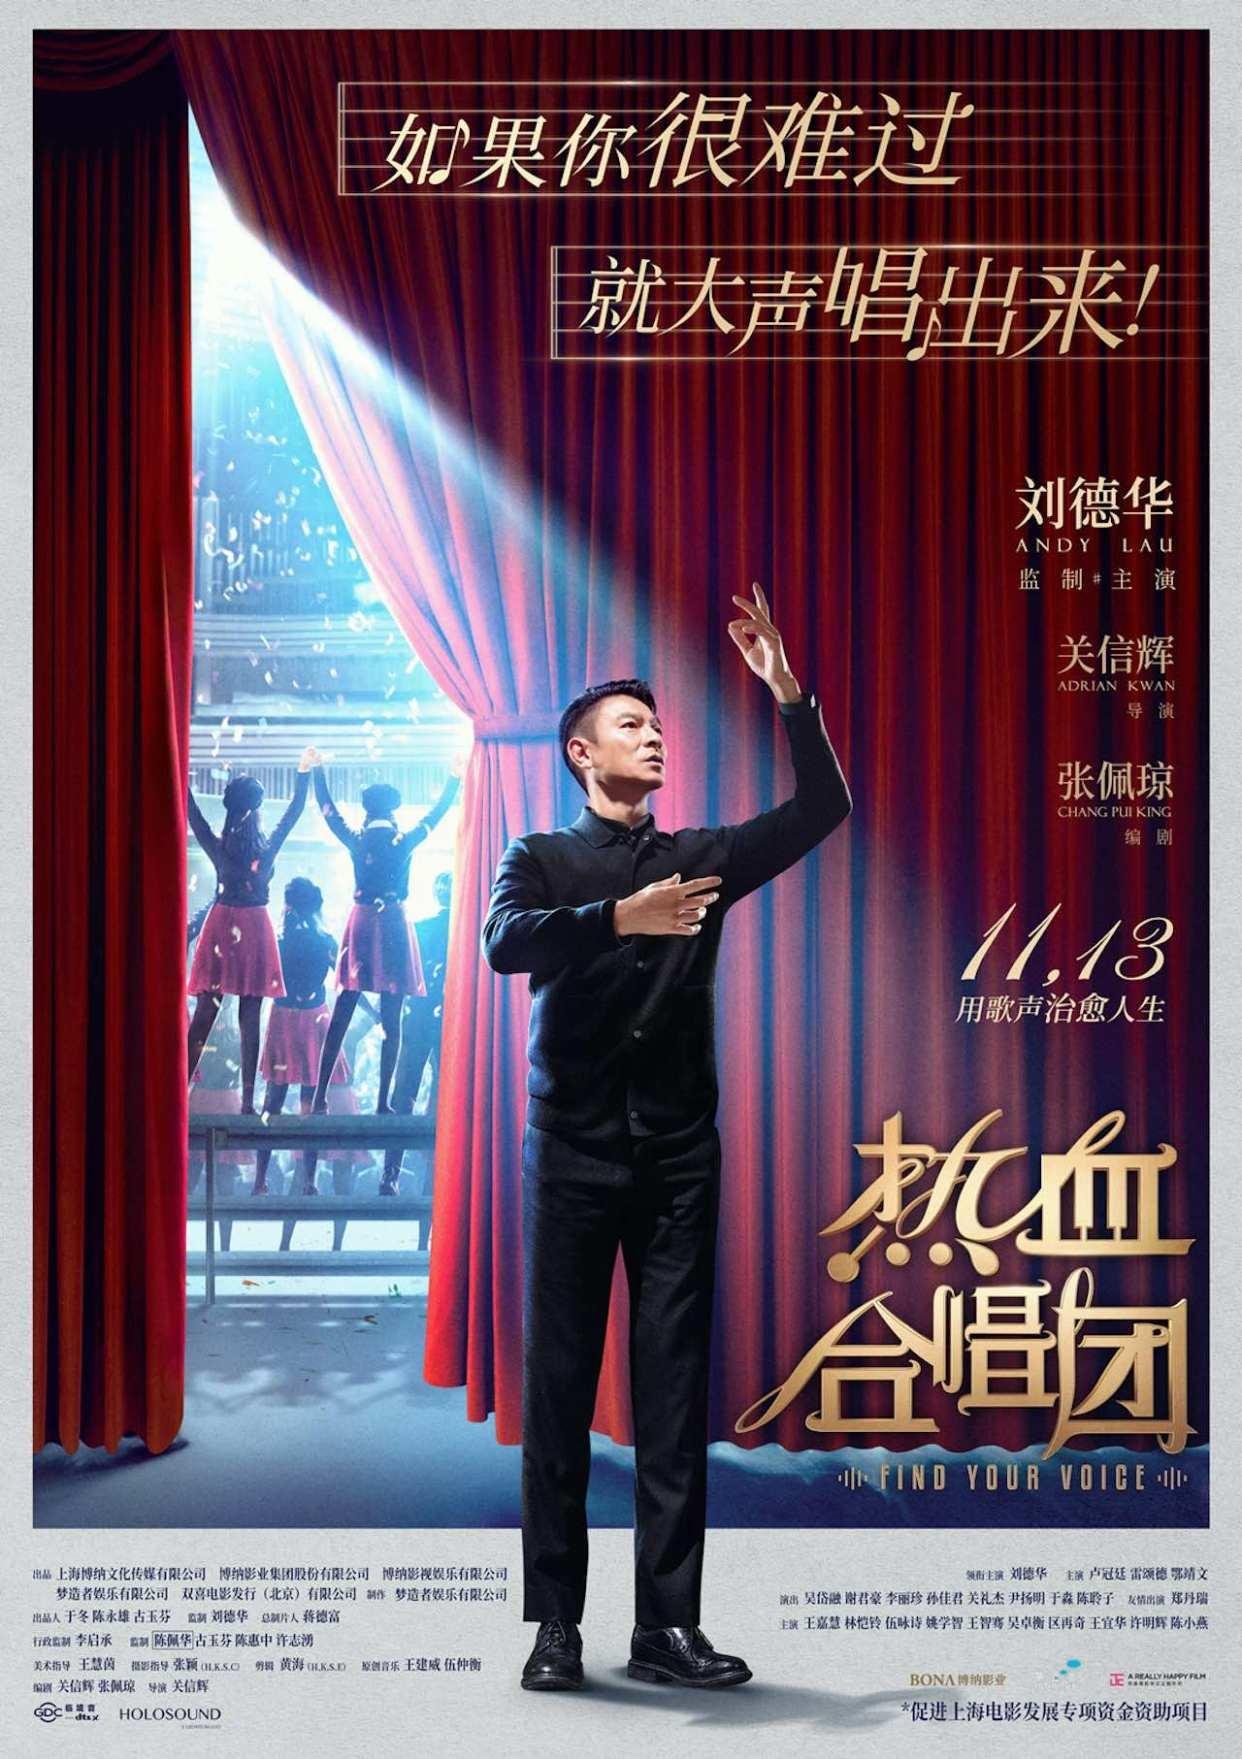 刘德华《热血合唱团》定档11月13日,全新预告暴露出3大看点